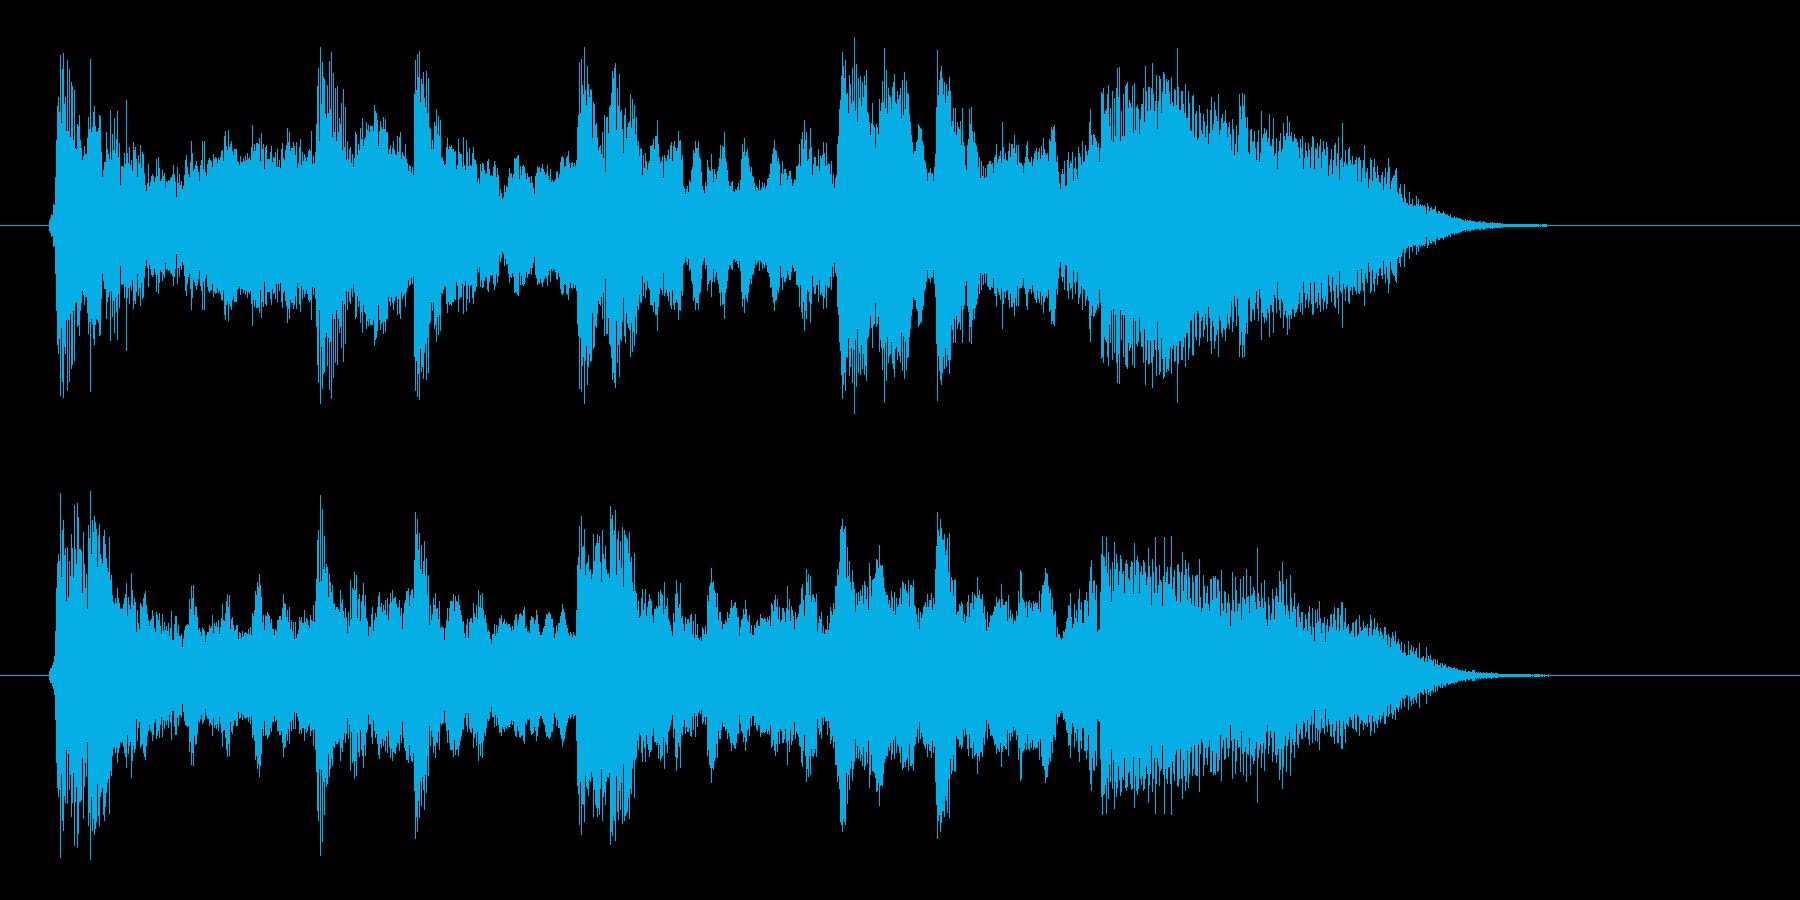 ゆったりと和やかな和風音楽の再生済みの波形